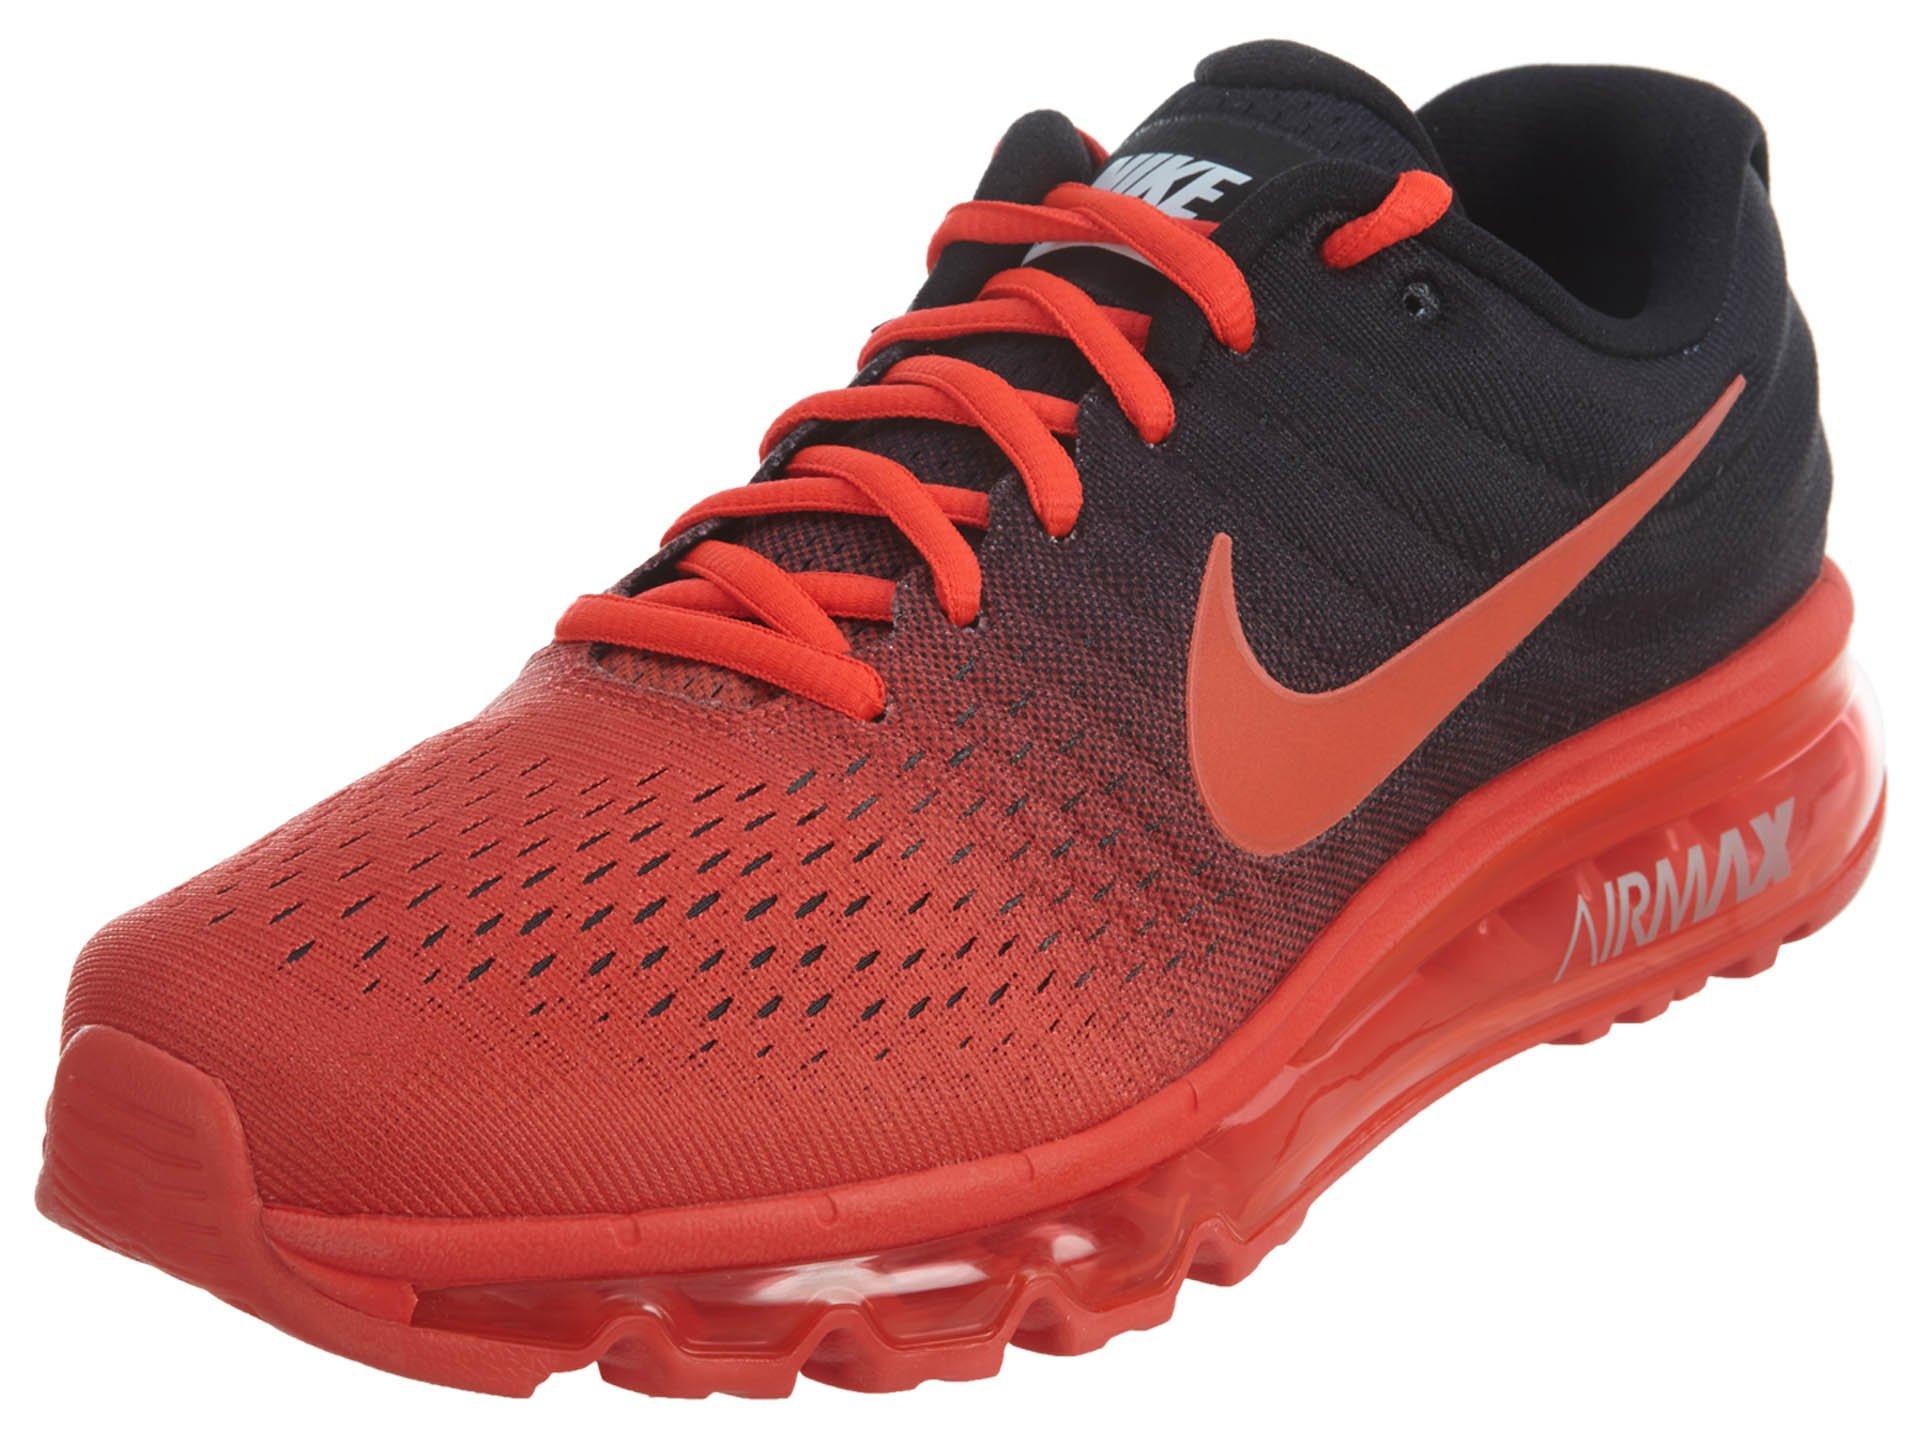 szeroki zasięg przed Sprzedaż Wielka wyprzedaż Nike Mens Air Max 2017 Running Shoes Bright Crimson/Total Crimson/Black  849559-600 Size 11.5